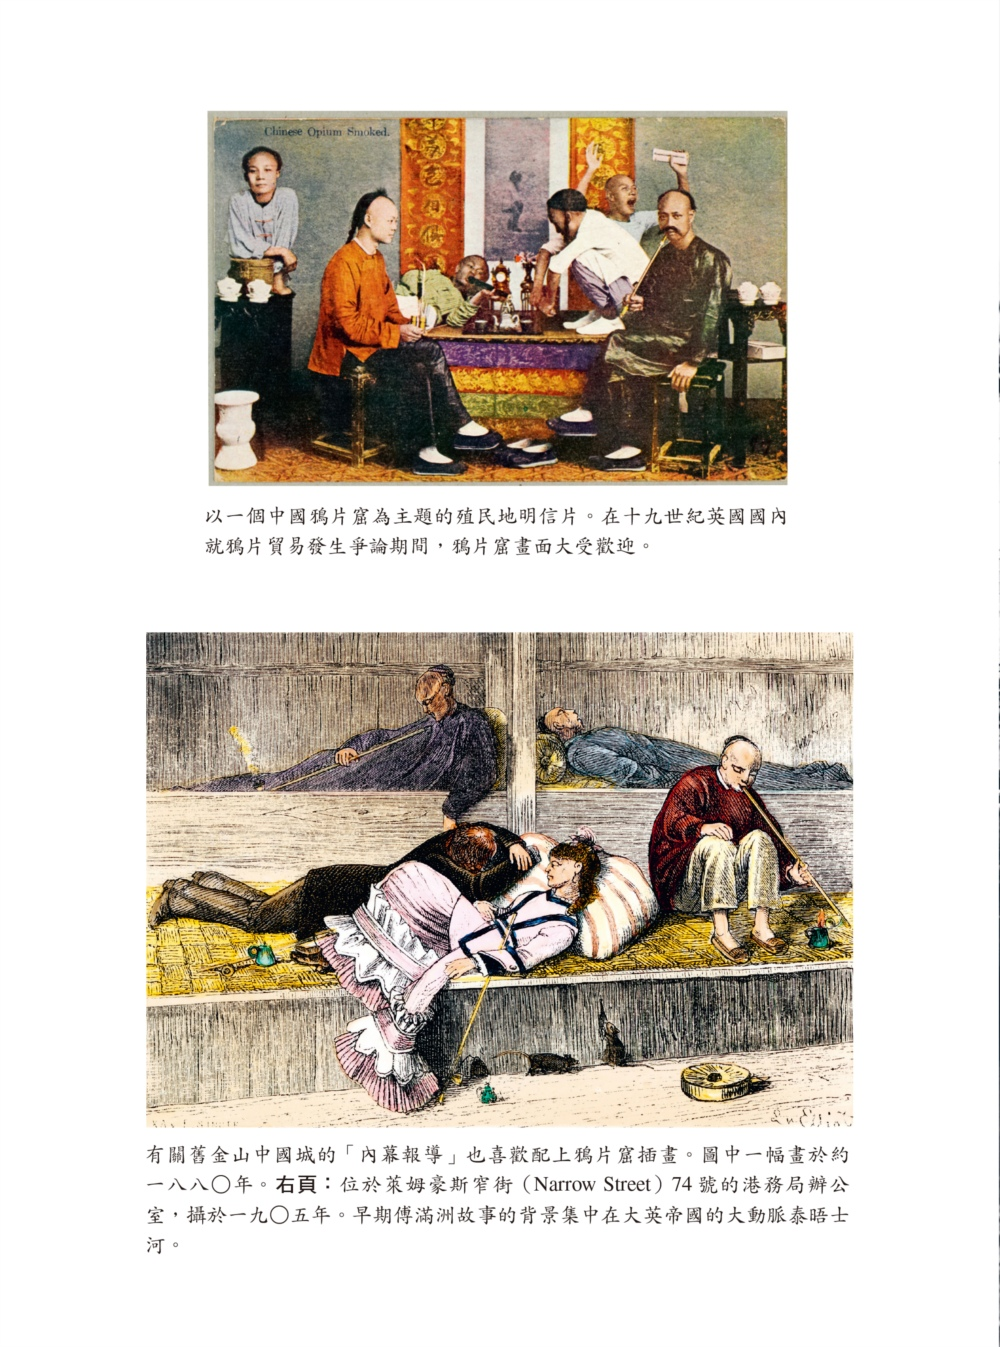 http://im1.book.com.tw/image/getImage?i=http://www.books.com.tw/img/001/077/14/0010771416_b_04.jpg&v=5a28c0f8&w=655&h=609